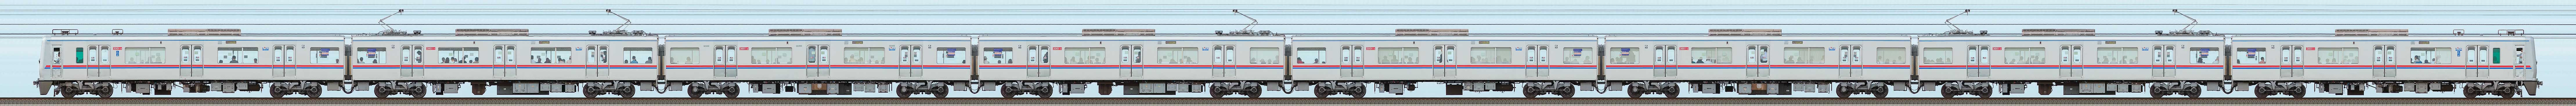 京成3000形(1次車)3001編成(海側)の編成サイドビュー